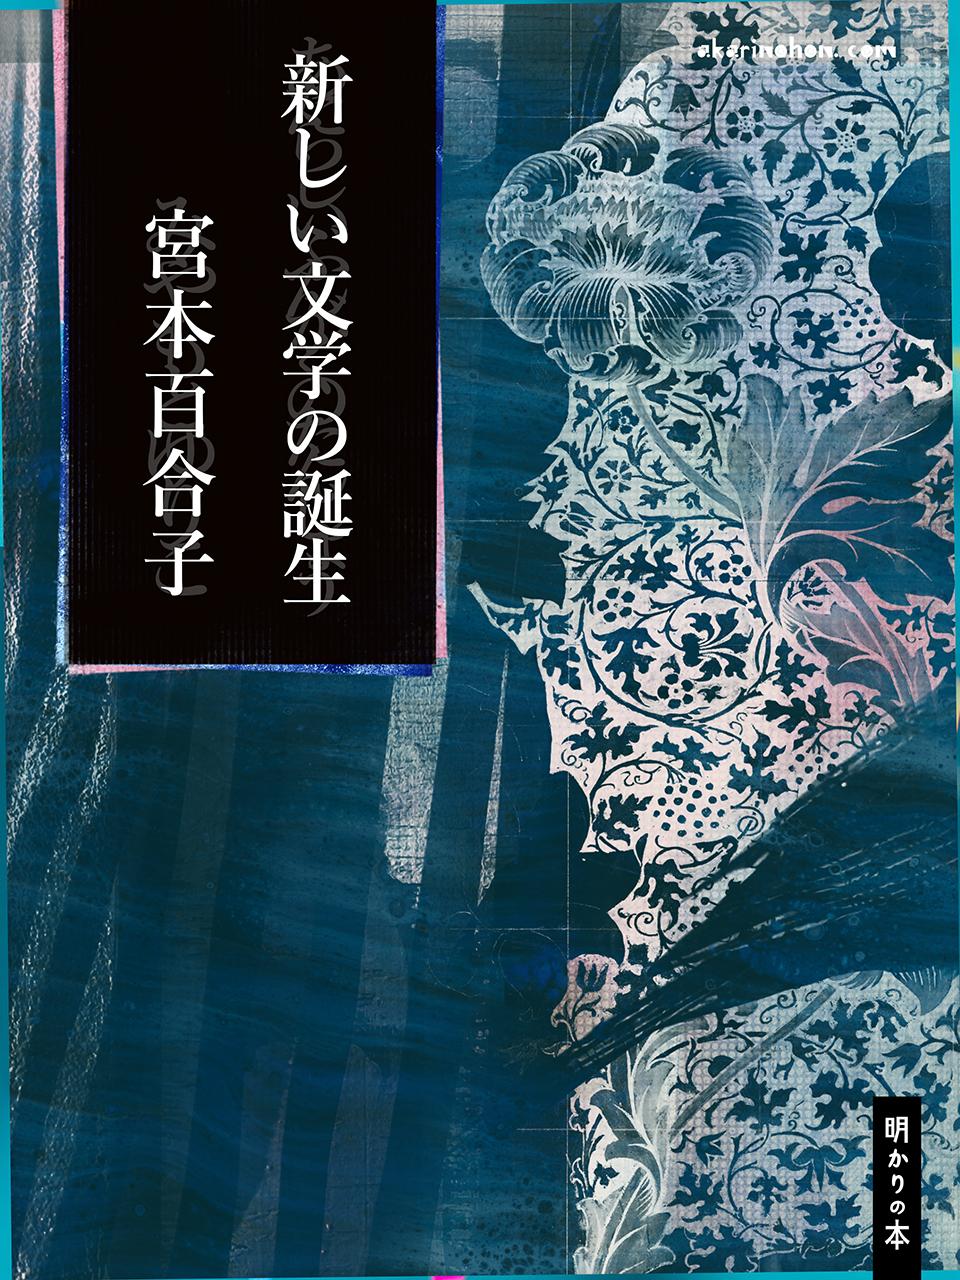 0000 - 新しい文学の誕生 宮本百合子